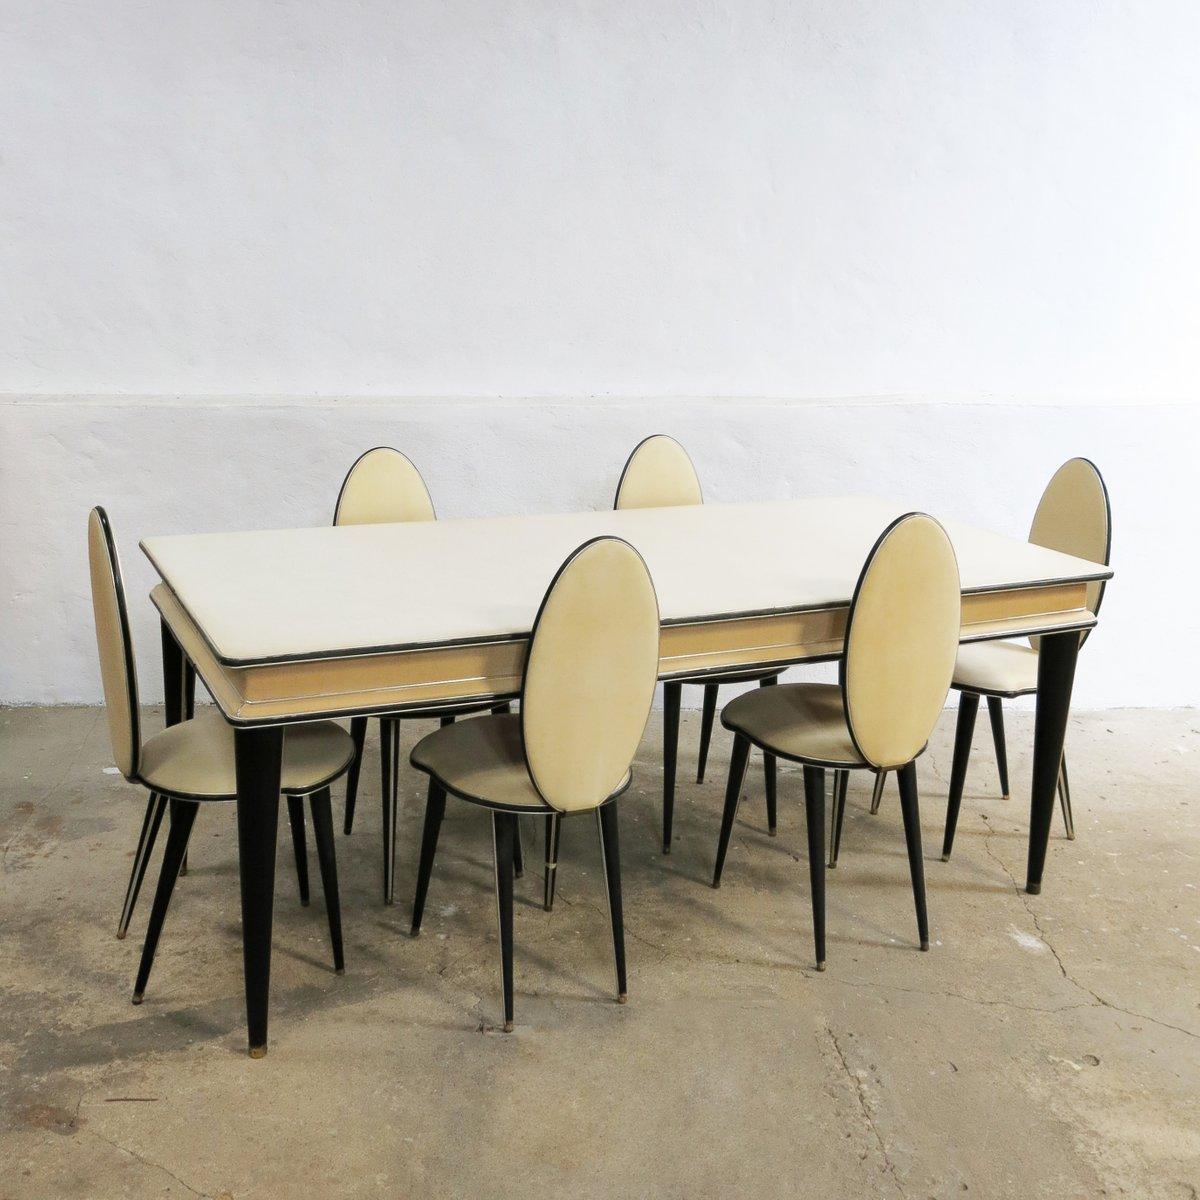 Mid Century Dining Set: Mid-Century Dining Set By Umberto Mascagni For Harrods